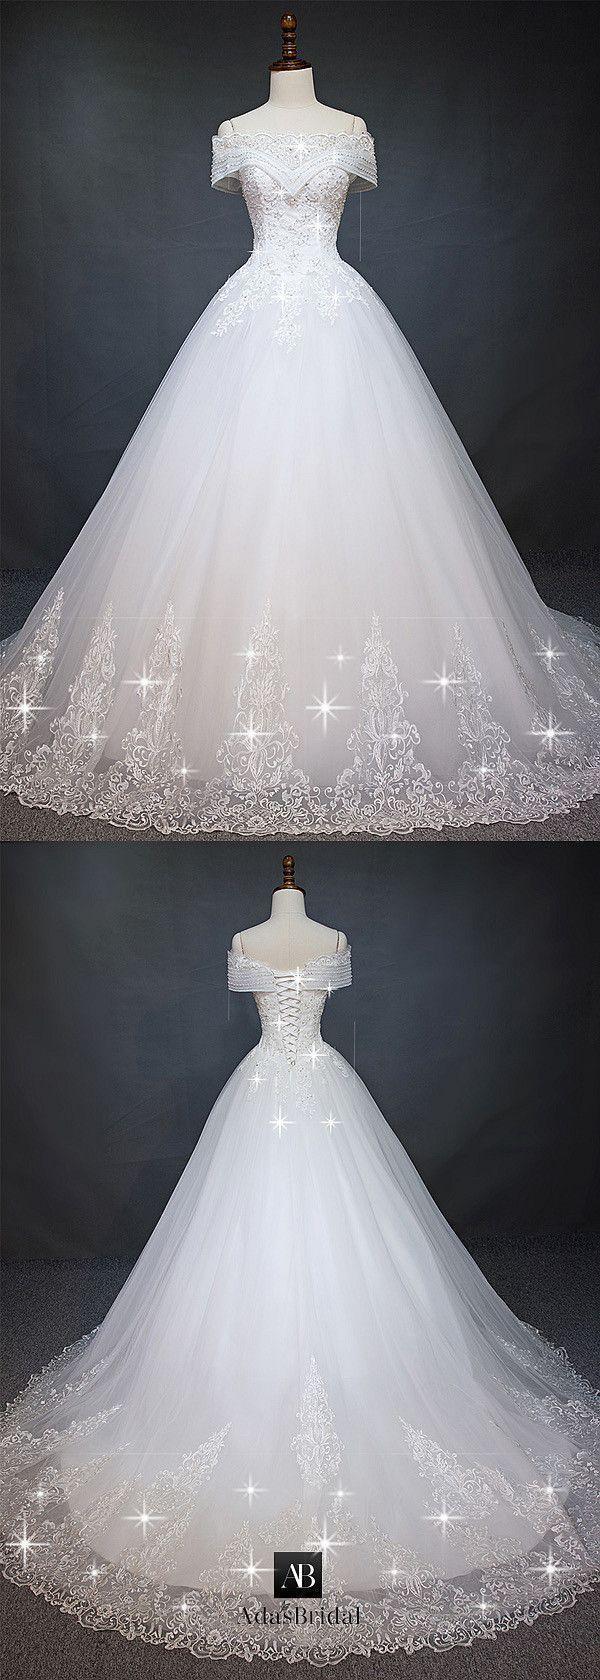 Marvelous Tüll Off-the-Shoulder-Nut Ballkleid Hochzeitskleid mit Perlen ... #tulleballgown